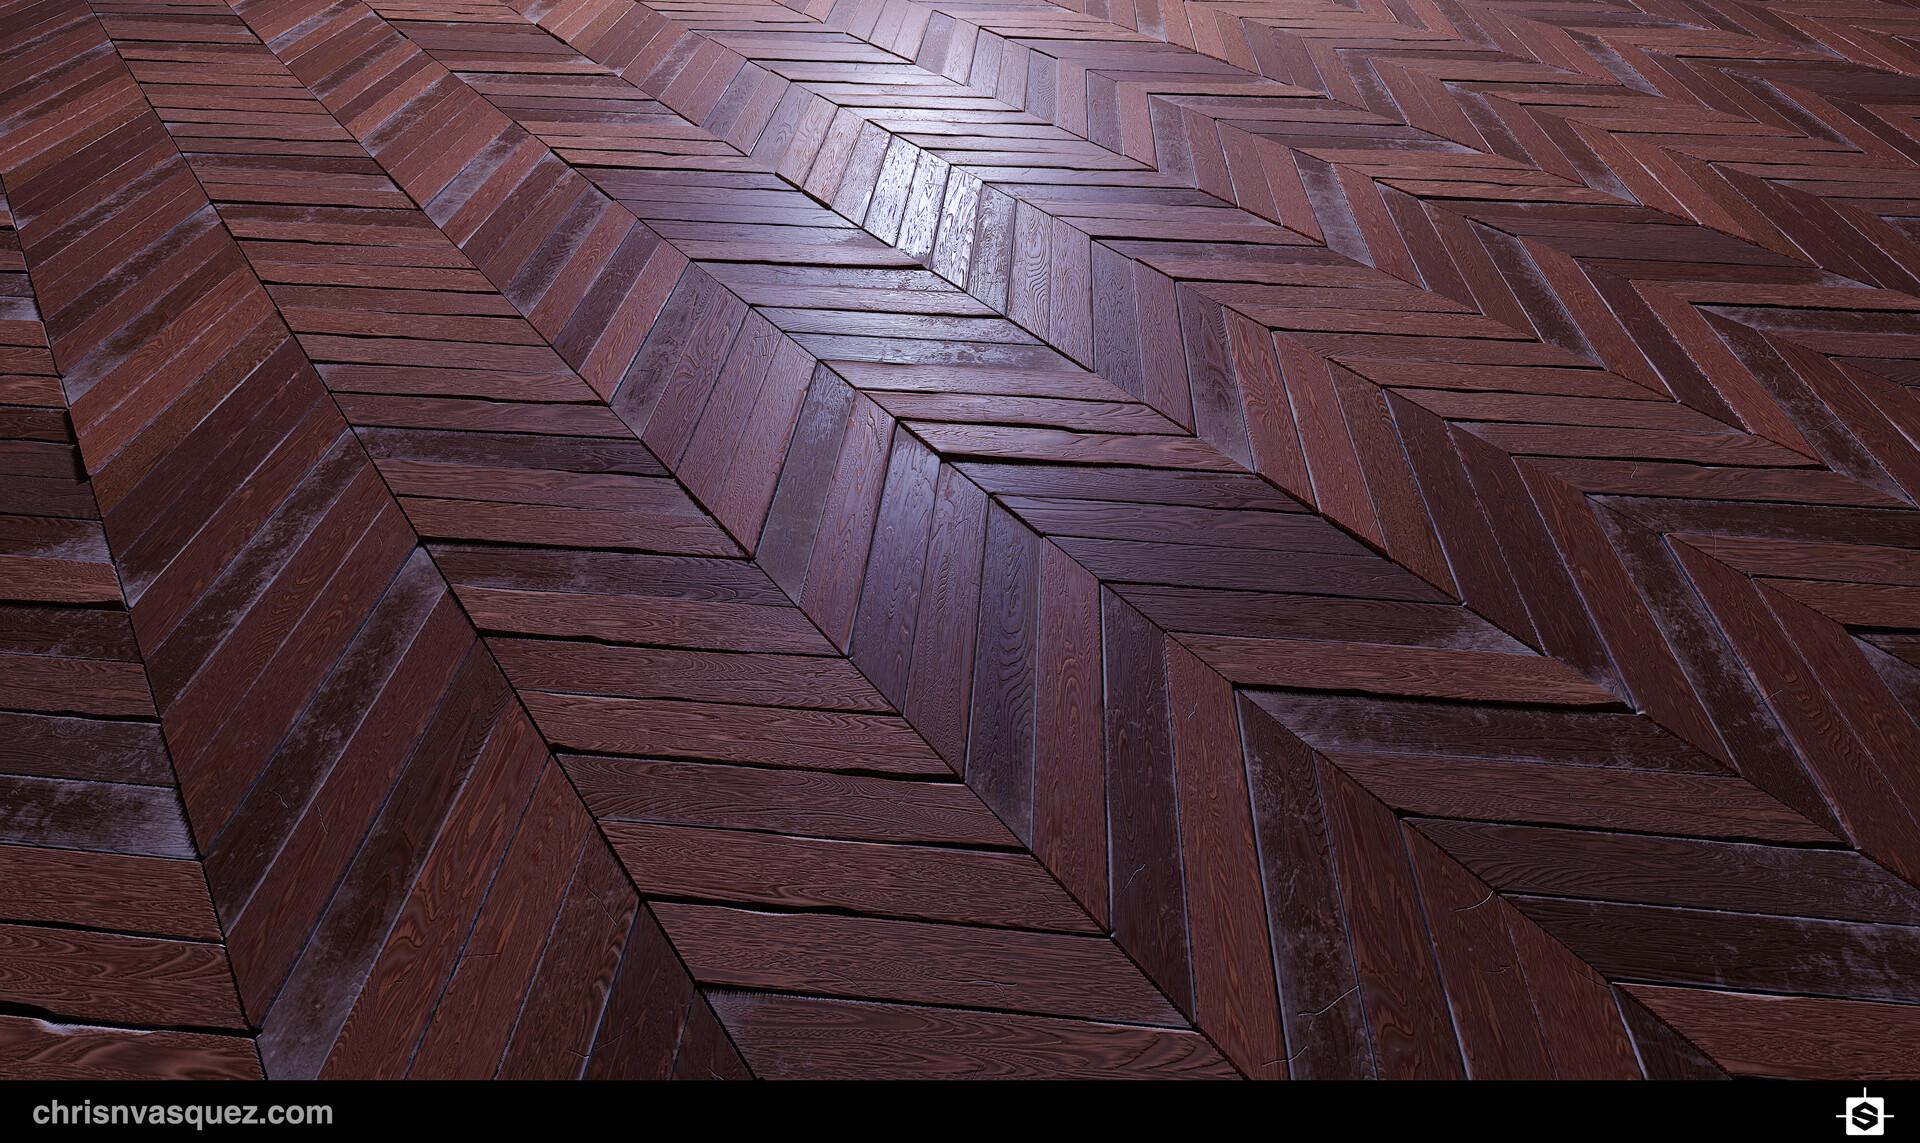 Christian vasquez nightstreet floor